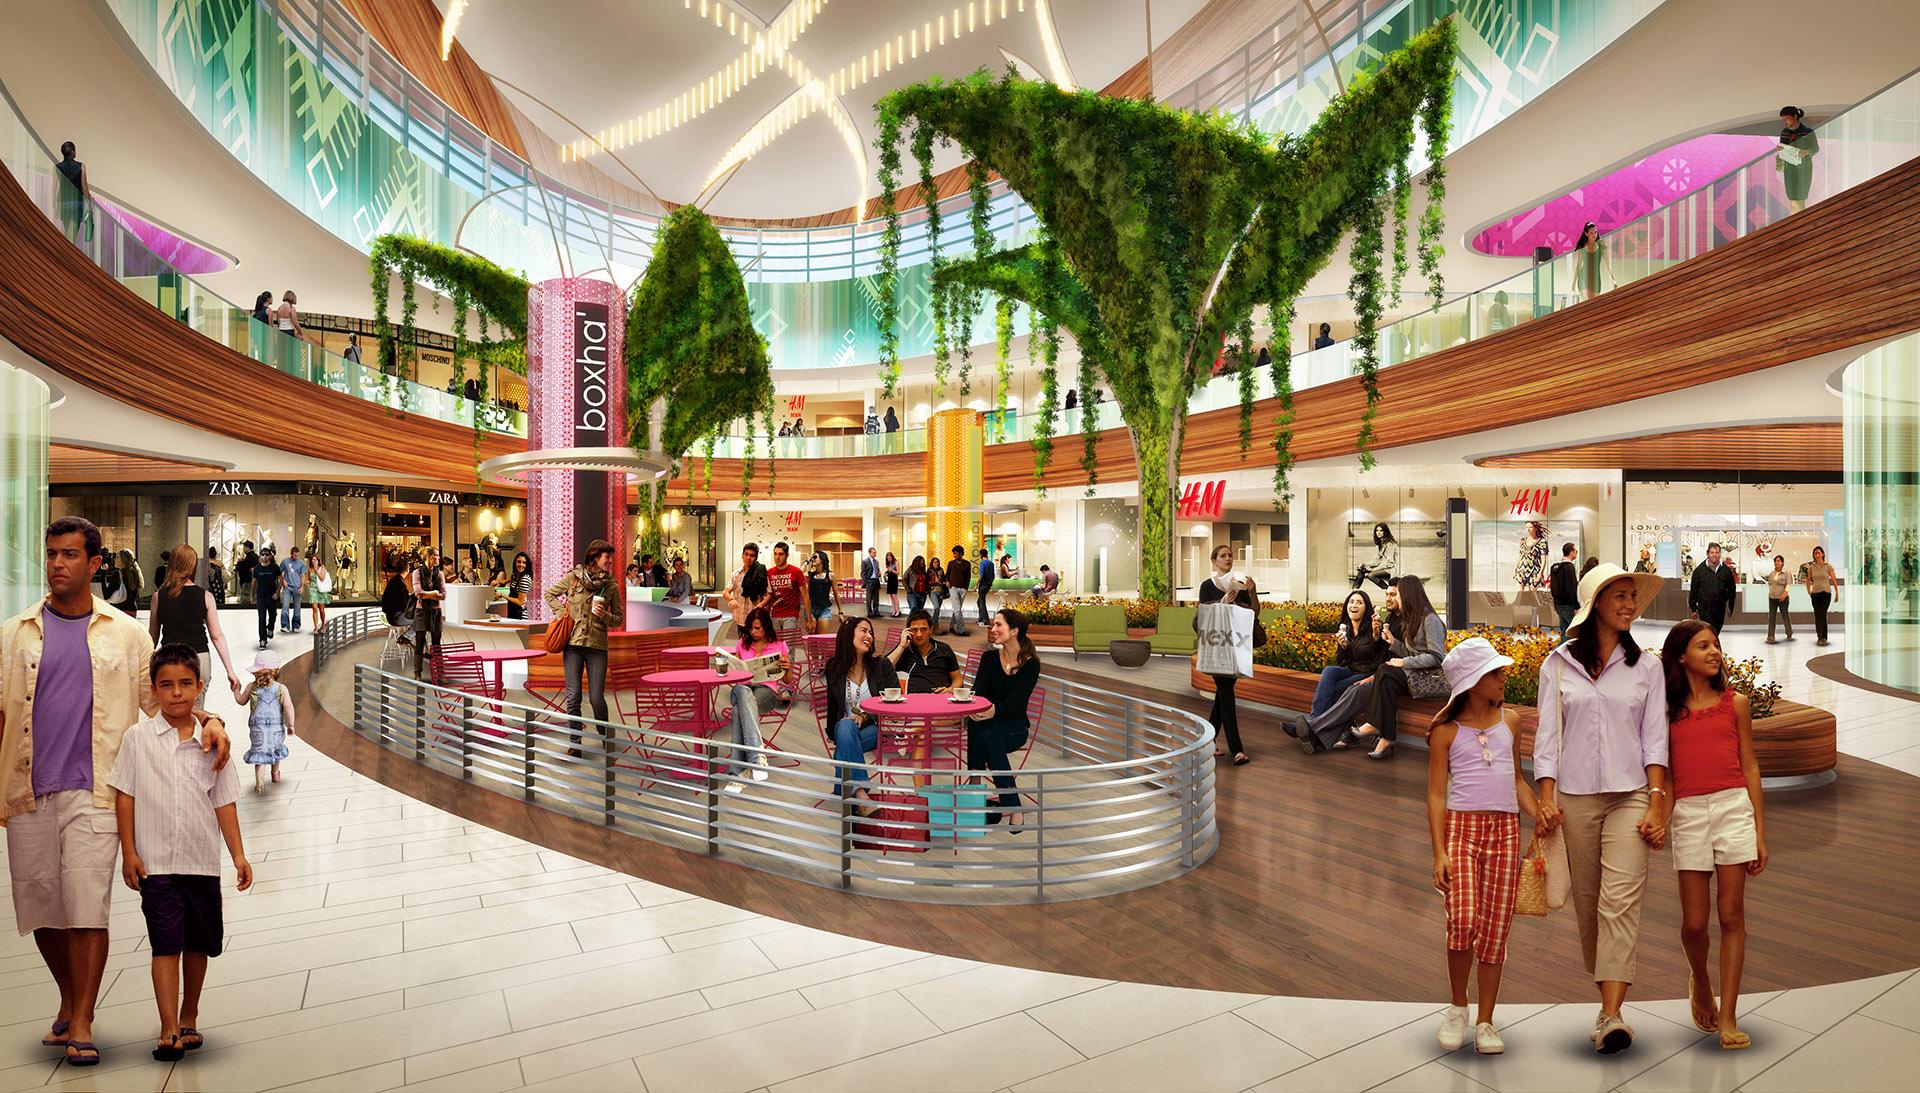 Fashion Mall Interior